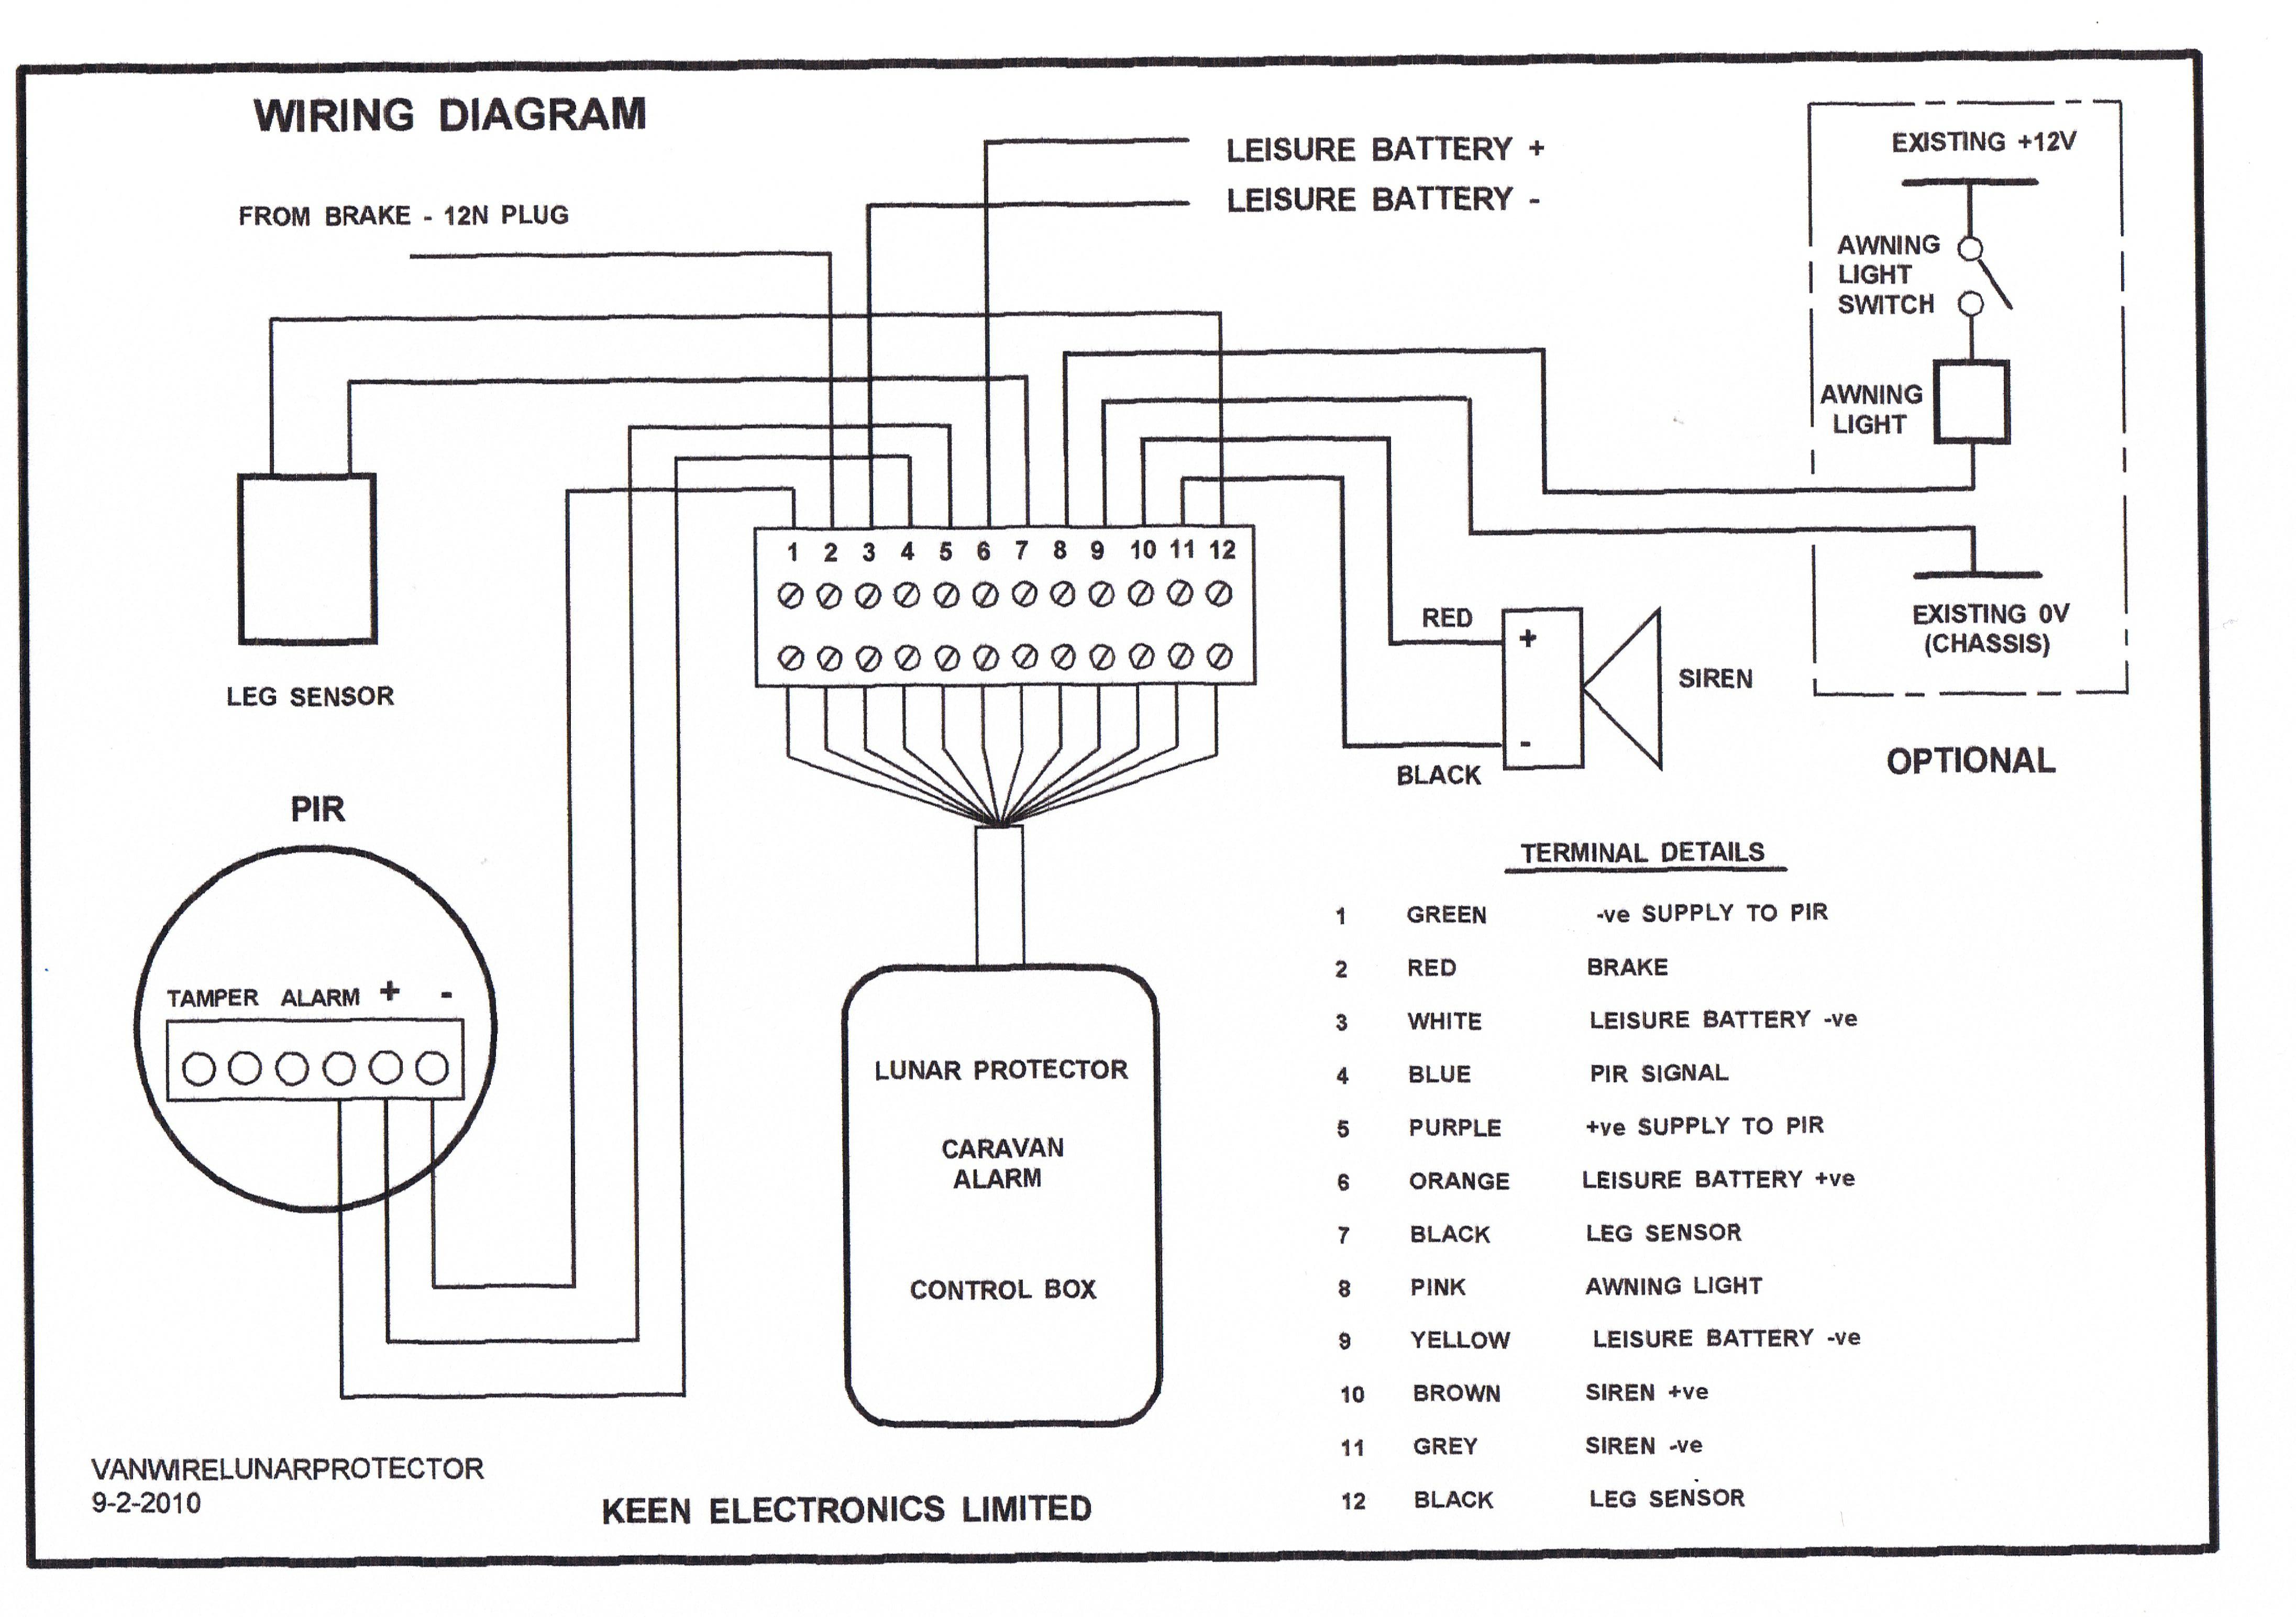 HM_4442] Karr 4040A Wiring Diagram Wiring Diagram | Wrangler Karr Wiring Diagram |  | Heli Phil Intap Otene Tixat Mohammedshrine Librar Wiring 101